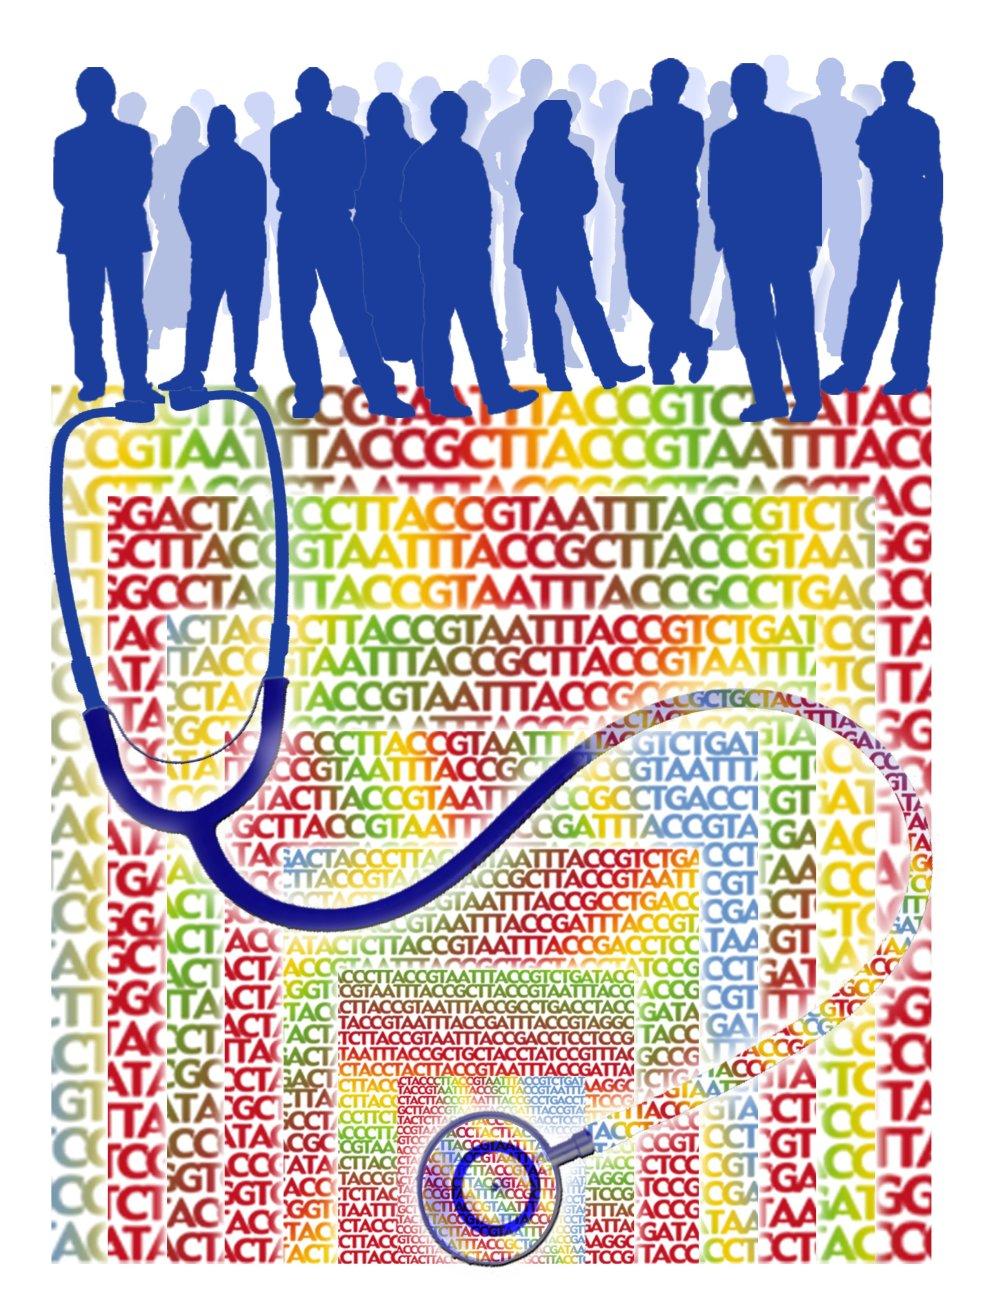 Mountain View, Kalifornia 6. novembra 2009 – Pracovníci firmy Complete Genomics vyvinuli novú aparatúru na dekódovanie DNA. Preverili ju na genómoch èiže súhrnnej genetickej informácii troch ¾udí. Priama cena za genóm klesla na 4400 dolárov.To je zatia¾ najväèšie priblíženie k sume 1000 dolárov, ktorá sa považuje za hranicu hromadného nasadenia osobnej genomiky v zdravotníctve. Na snímke grafické znázornenie základnej skutoènosti: kým genomika poslúži ako nová forma lekárskeho stetoskopu, treba sekvenova genómy ve¾kého poètu ¾udí, aby sa ich porovnaním odvodili súvislosti a stanovili diagnostické kritériá. Dosia¾ tomu bránila vysoká cena sekvenovania jedného genómu. Foto TASR - Jane Ades, NHGRI   *** Local Caption *** genomika dediènos premeny organizmy vedci biológovia zaujímavosti diagnostika Zdenìk Urban